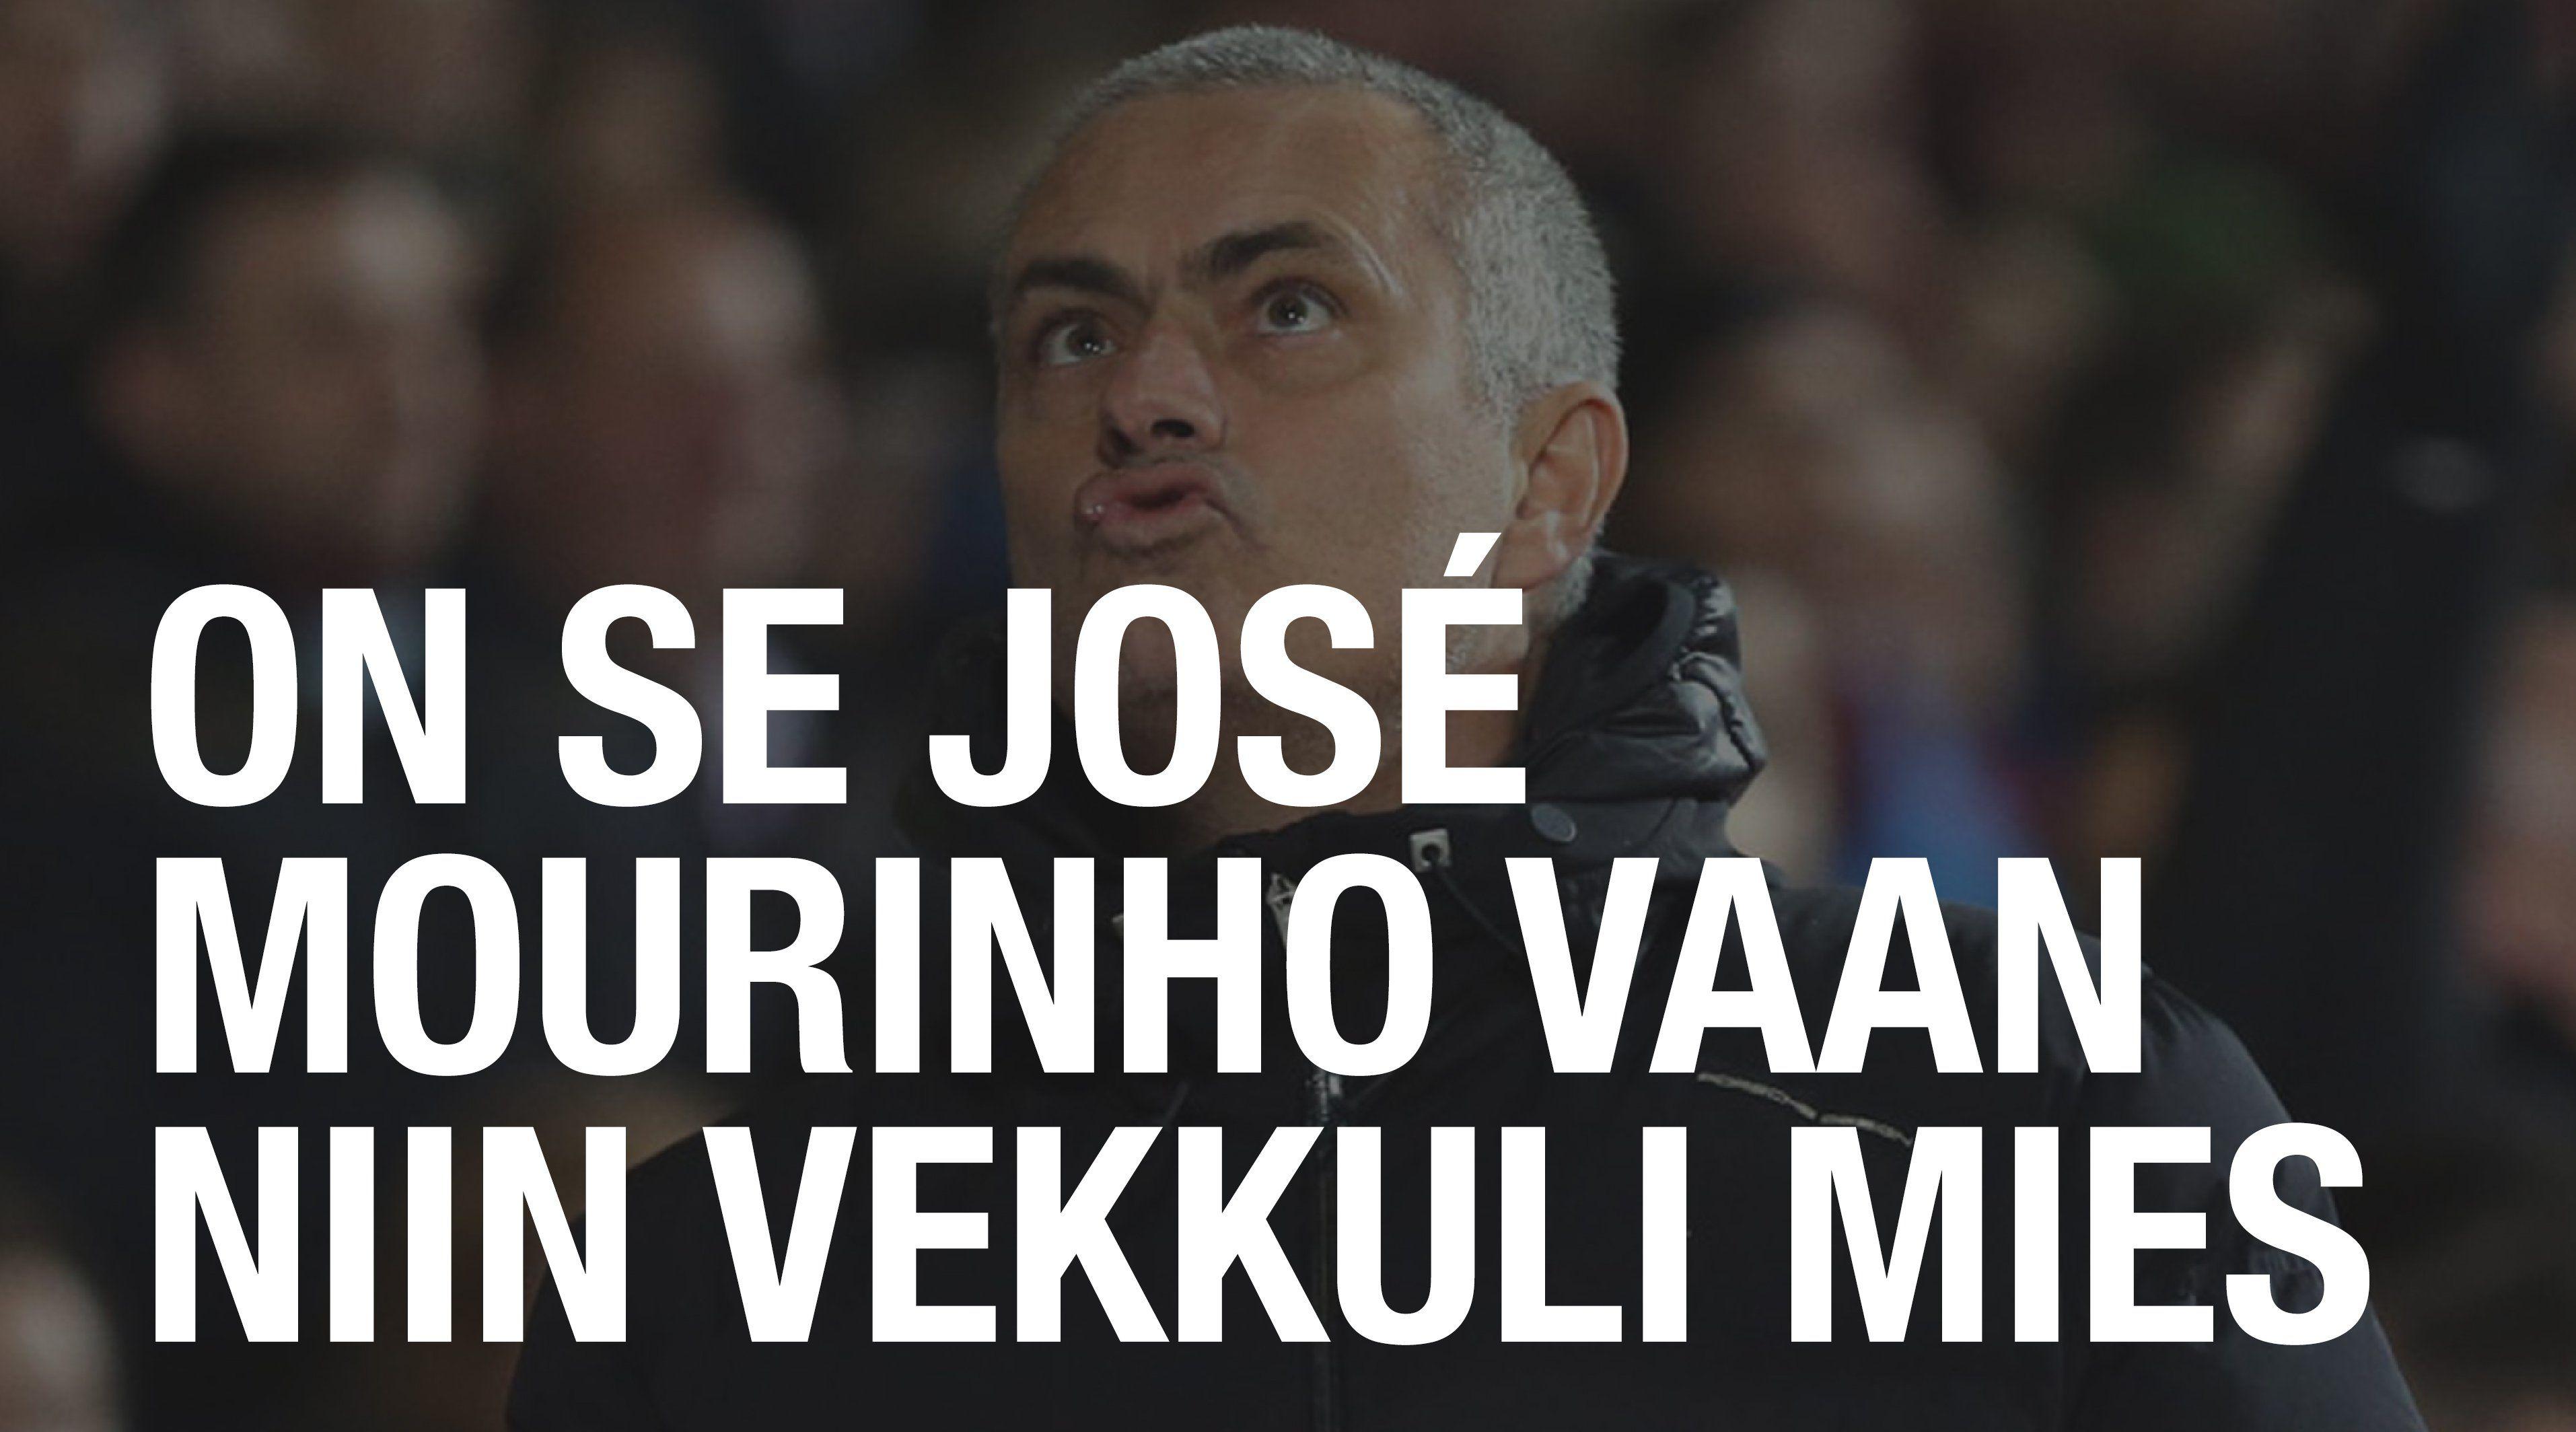 Video: José Mourinhon kymmenen hauskinta/sekavinta haastattelua José, tuo valmentajamaailman verbaalinenZlatanosaa hauskuuttaa tai sitten miehen sekavuustila vastaa hetkittäin pitkän rännin mukanaan tuomaa ... http://puoliaika.com/video-jose-mourinhon-kymmenen-hauskintasekavinta-haastattelua/ ( #haastattelu #hauska #hauskat #JoseMourinho #Valmentaja #Video #Videot)